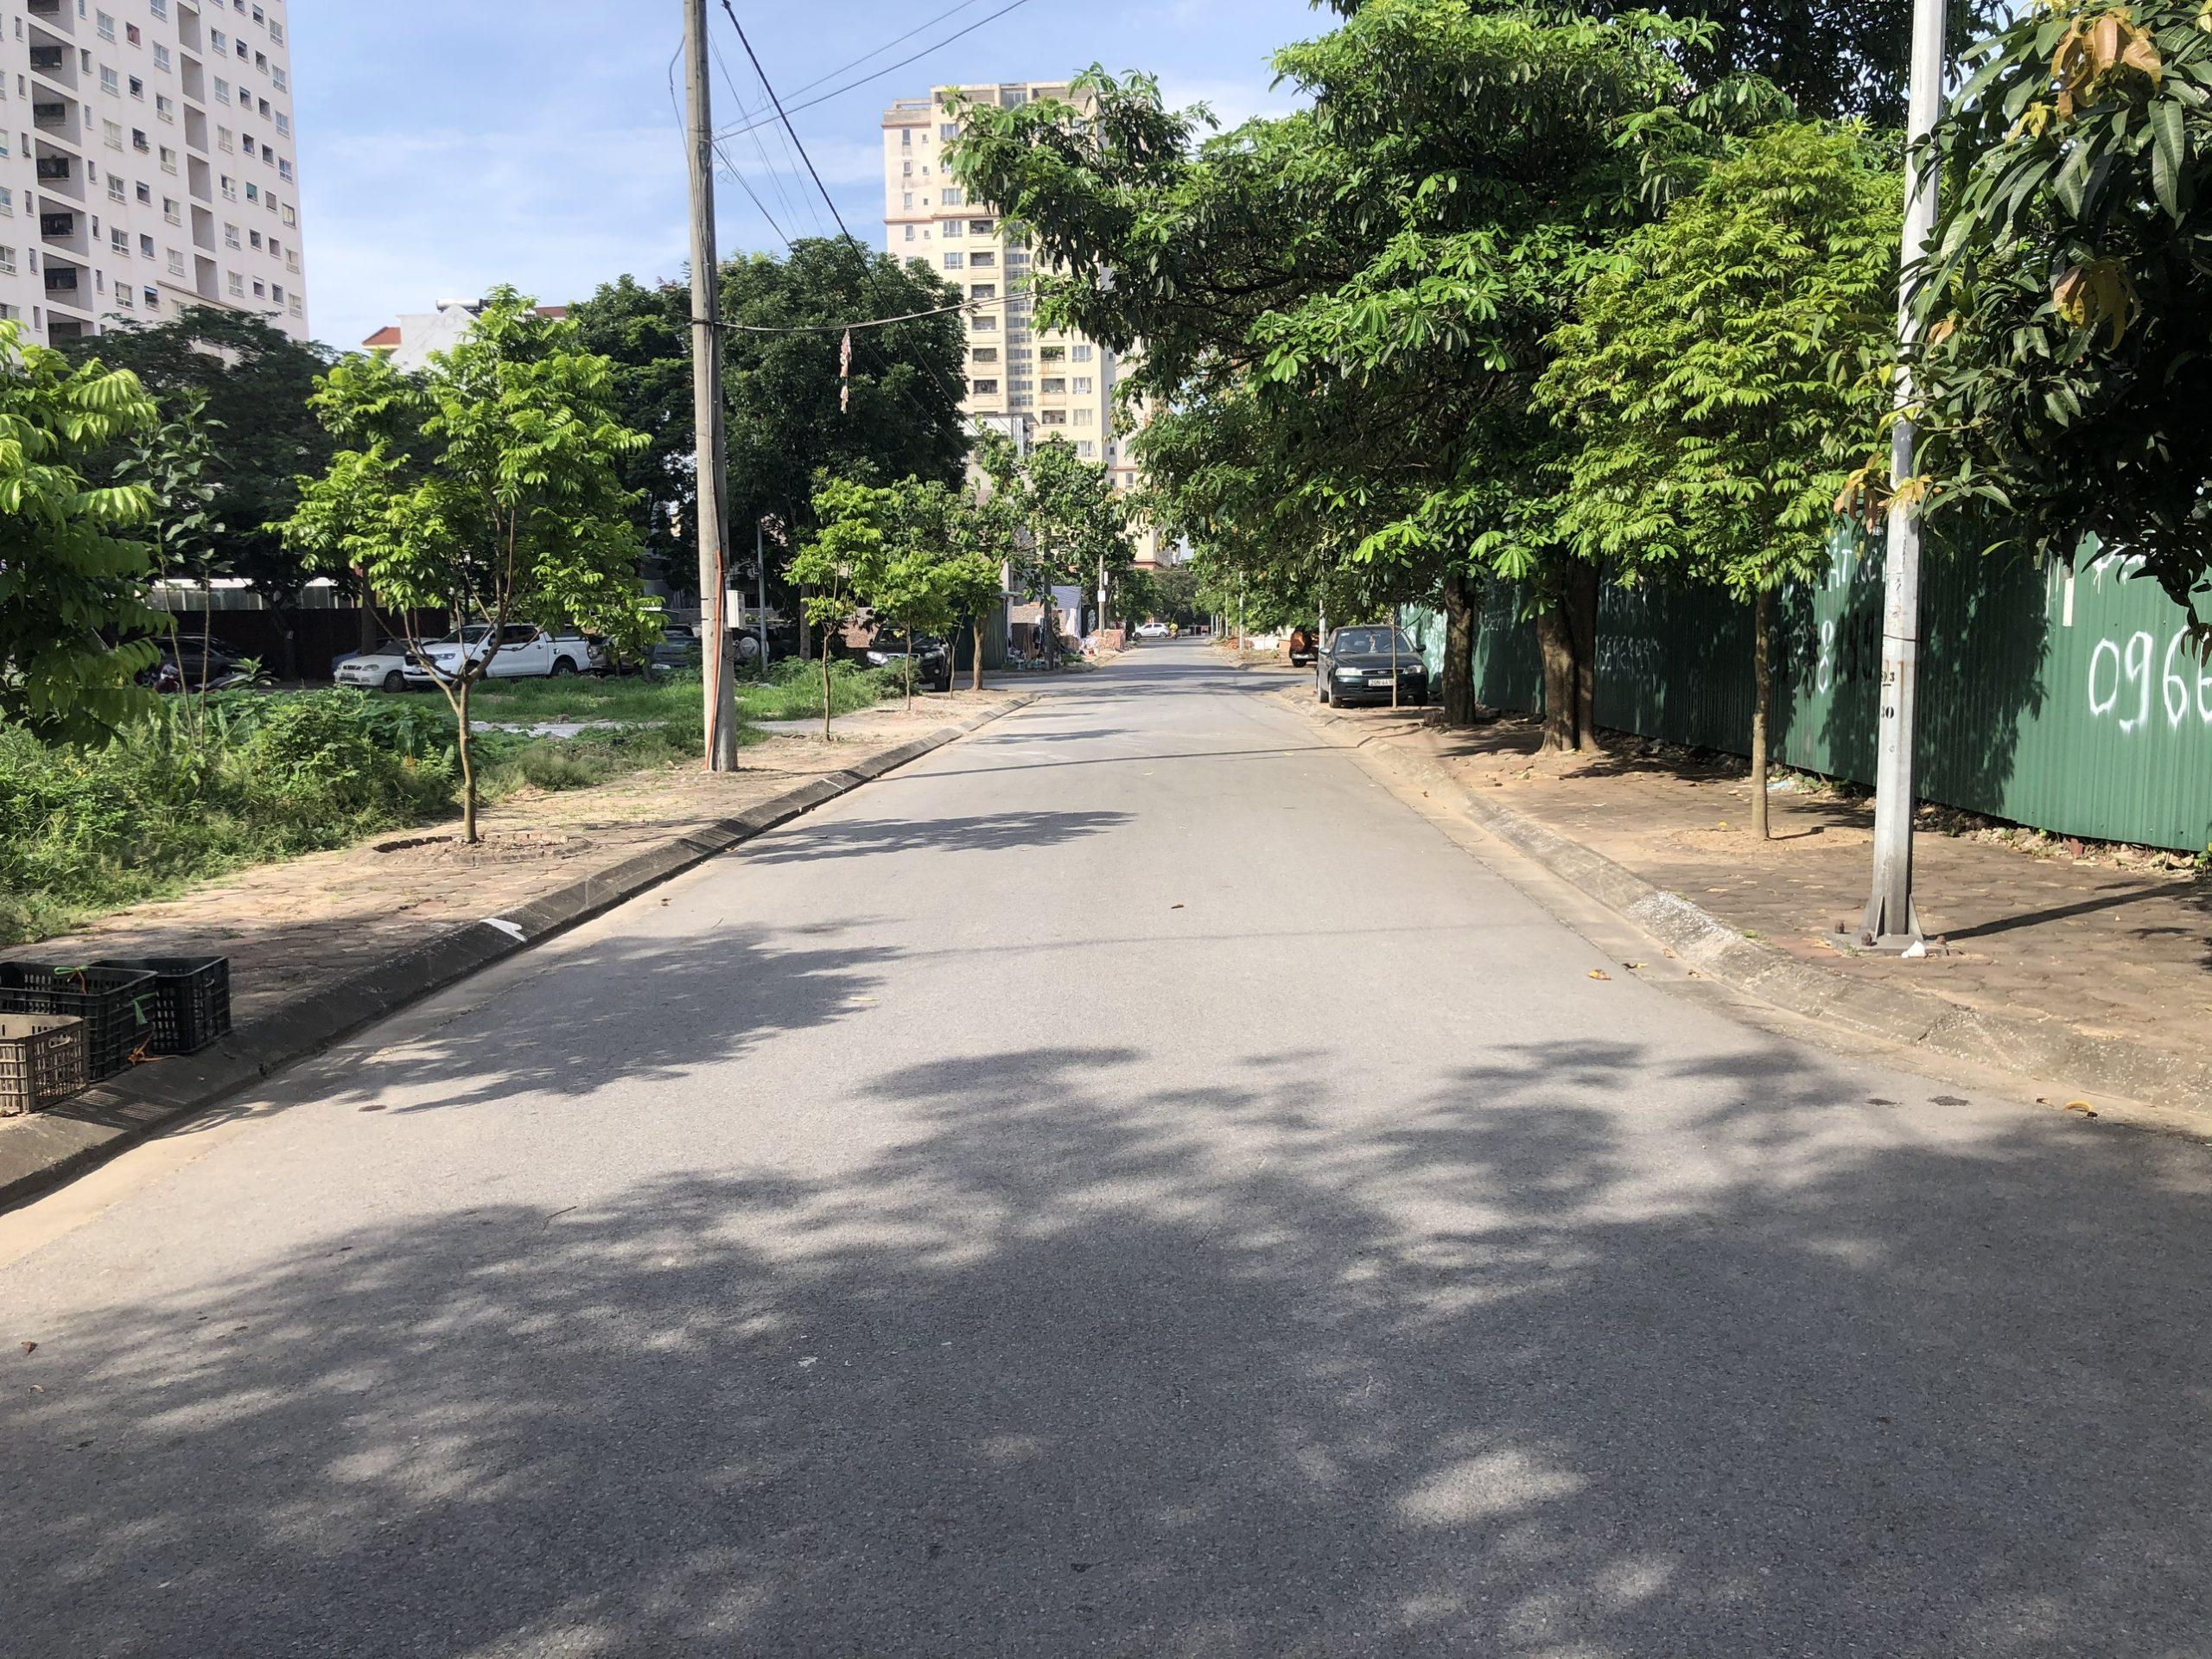 Cần bán nhanh 175m2 đất khu đô thị mới Sài Đồng, Đường oto tránh, kinh doanh thuận lợi